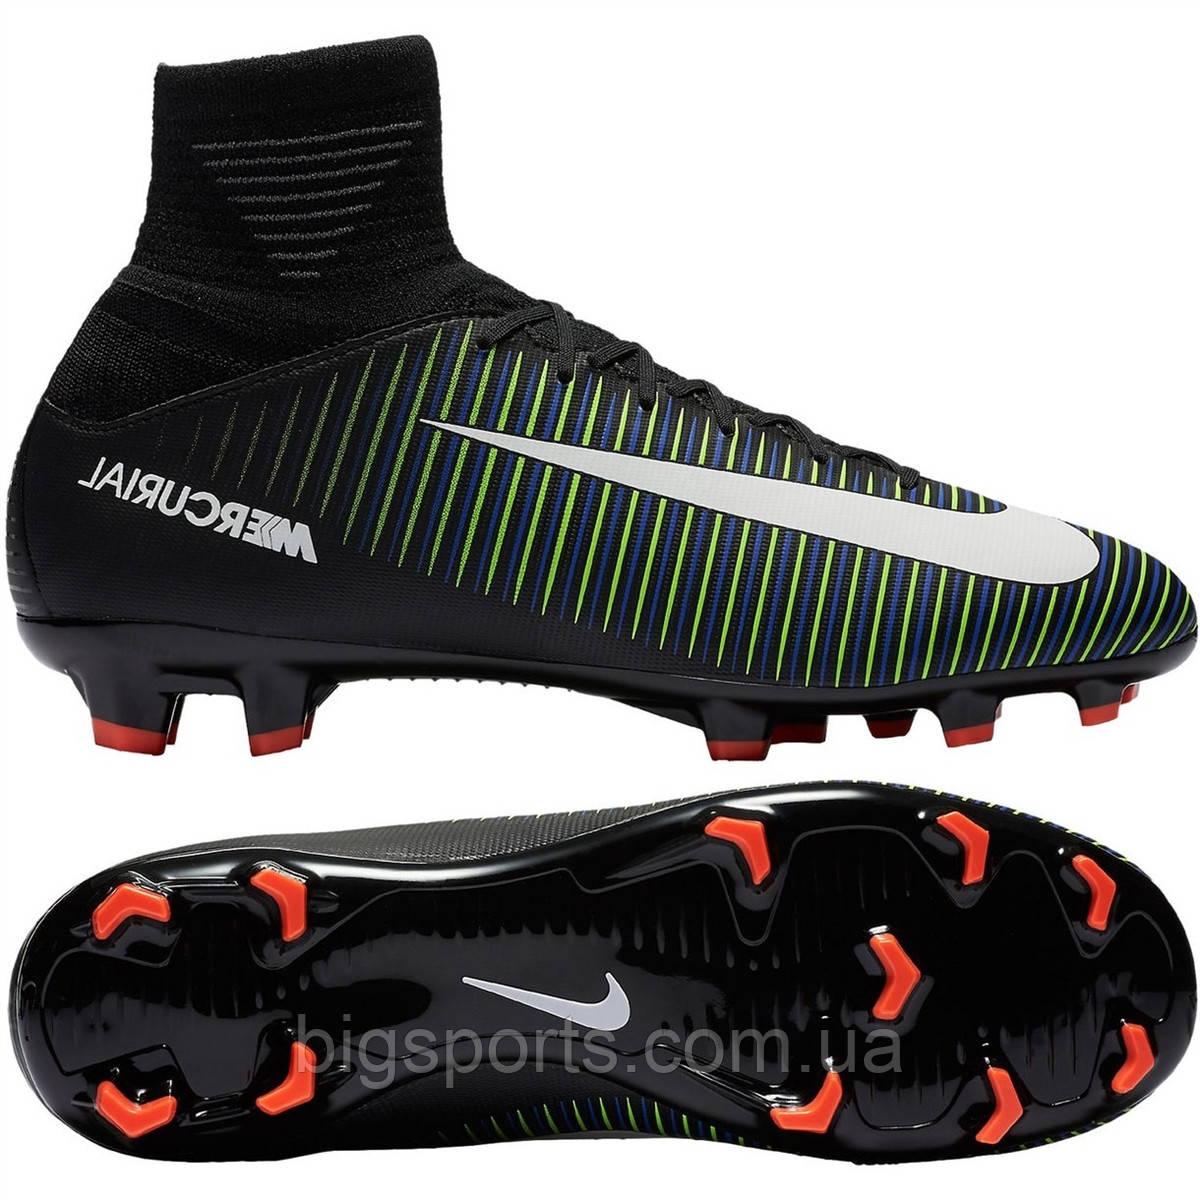 Бутсы дет. Nike JR Mercurial Superfly V FG (арт. 831943-013)